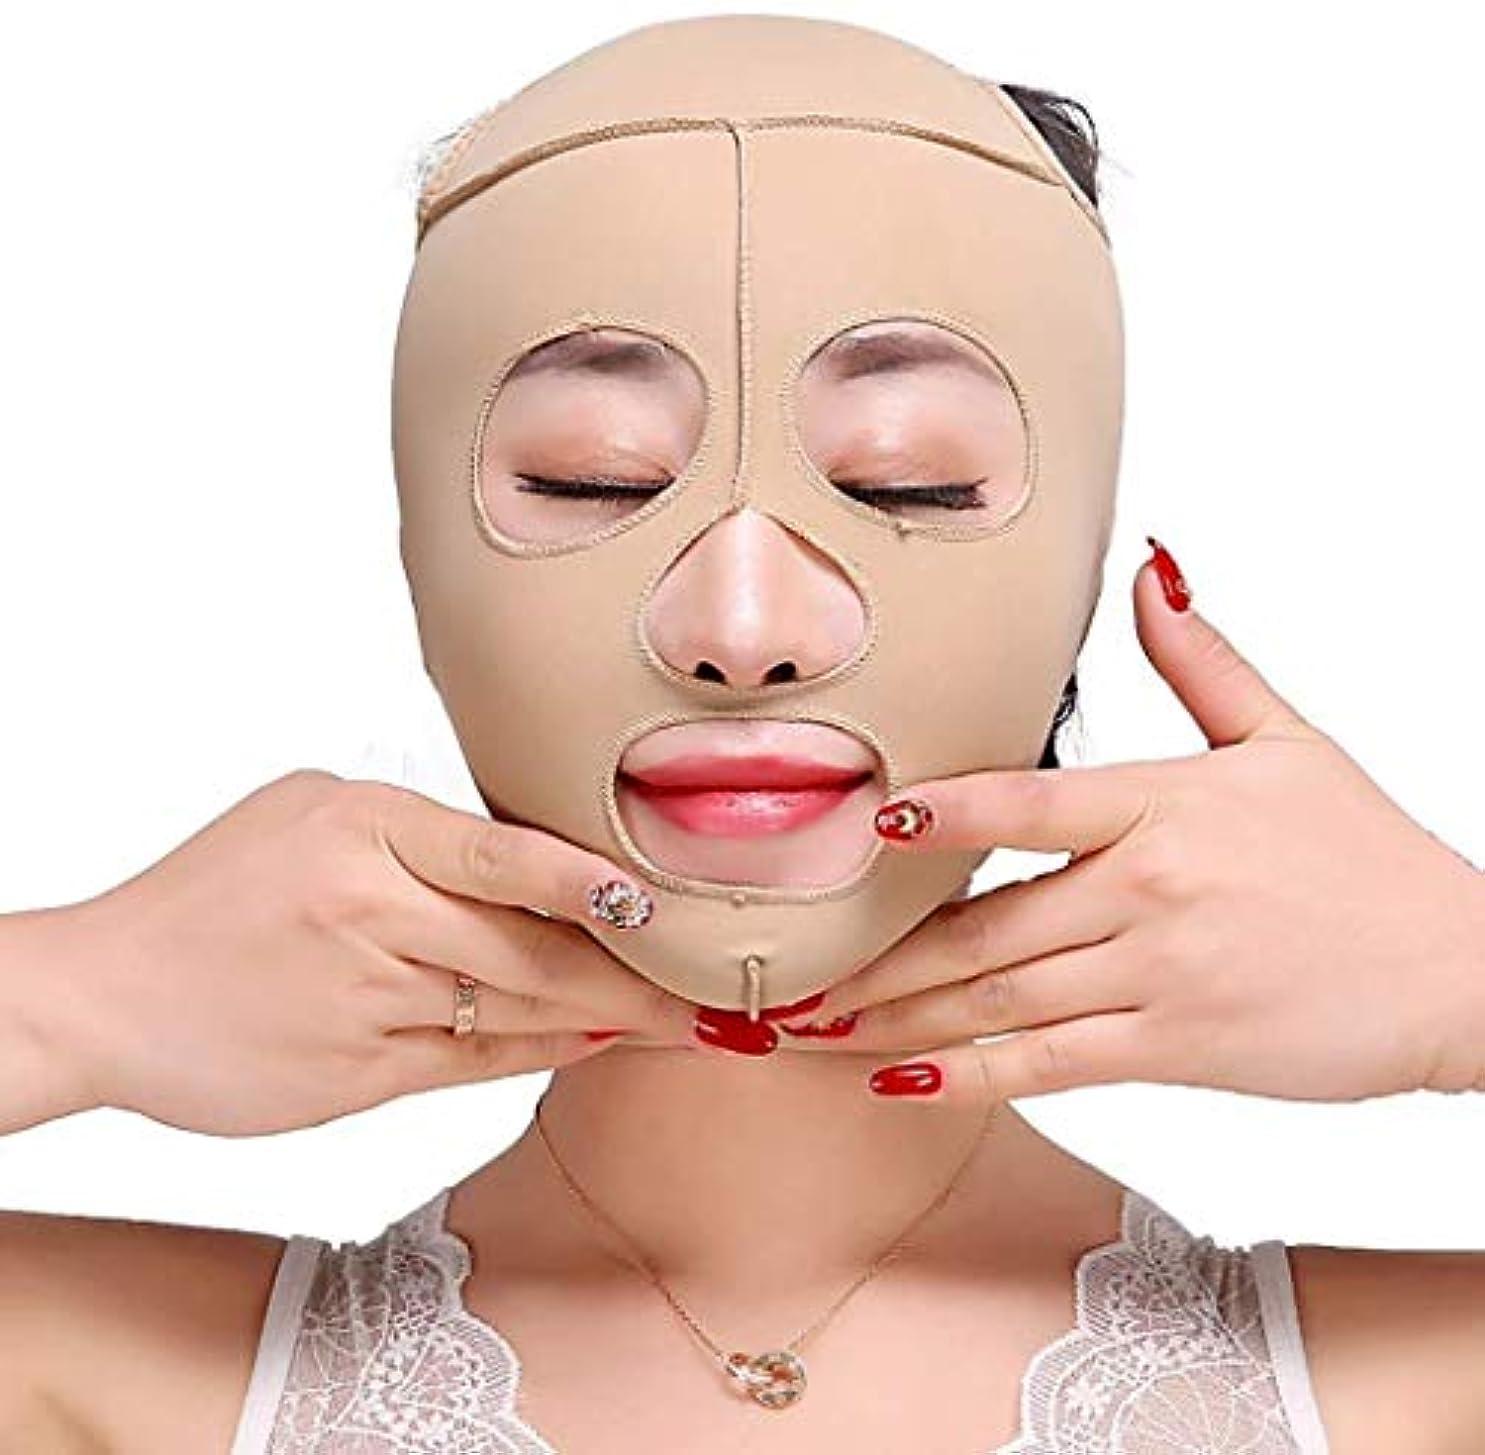 に対して無数のアマゾンジャングル美容と実用的なファーミングフェイスマスク、スリミングベルトフェイスリフティングバンデージスモールVフェイスマスクフェイスリフティングフェイスマスクバンデージリフティングファーミングVフェイスビューティーフェイスマスクスモールフェイスバンデージヘッドギア補正フェイスシェイプ